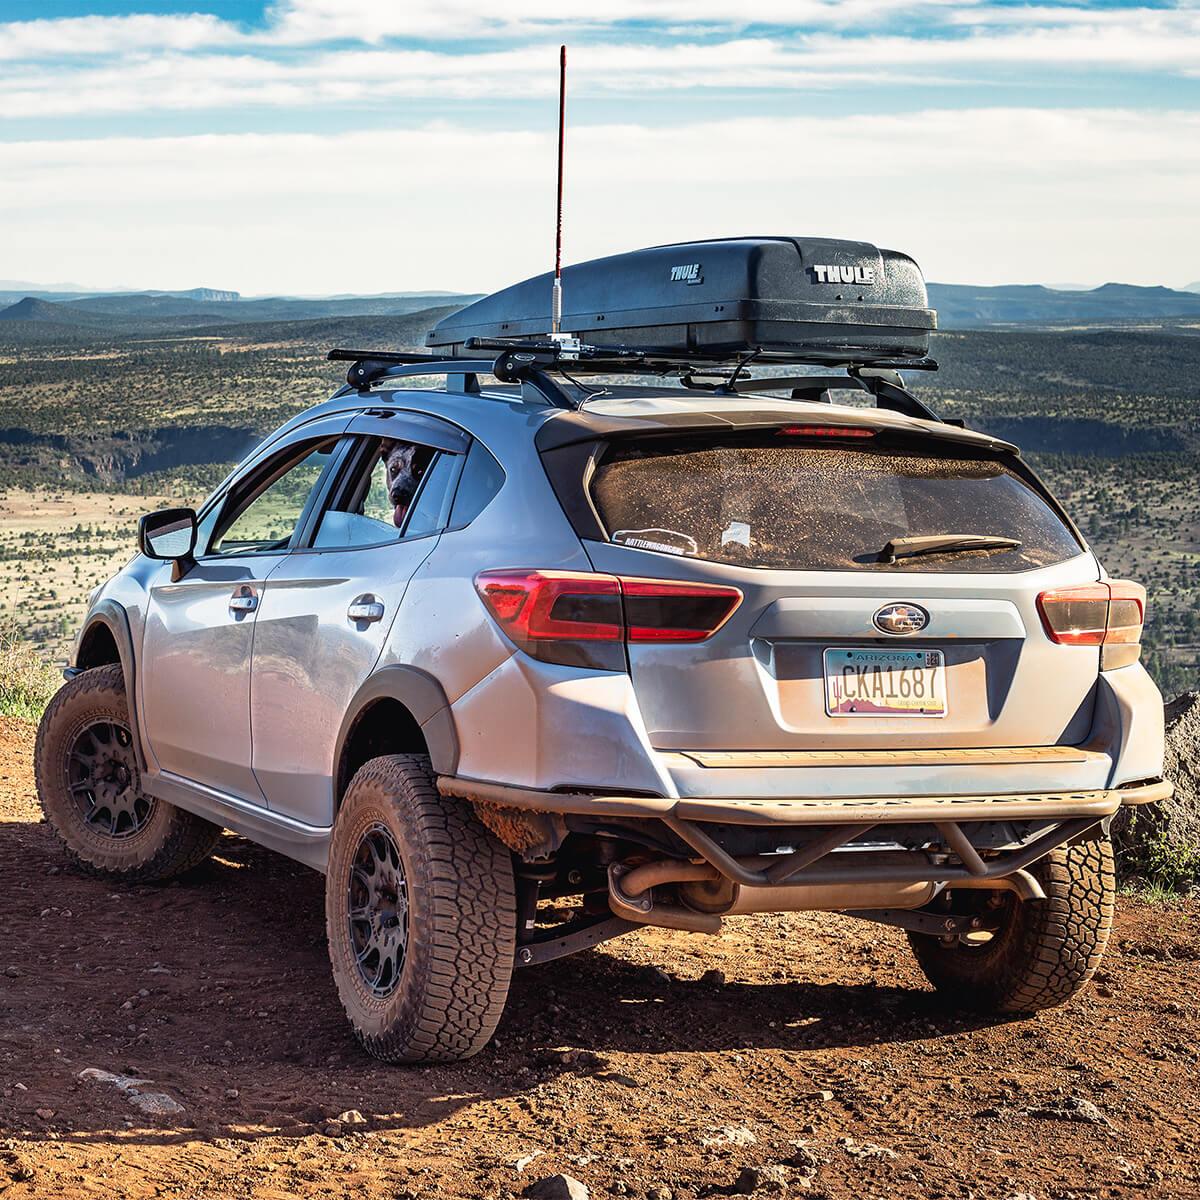 Subaru crosstrek tubular rear off-road bumper